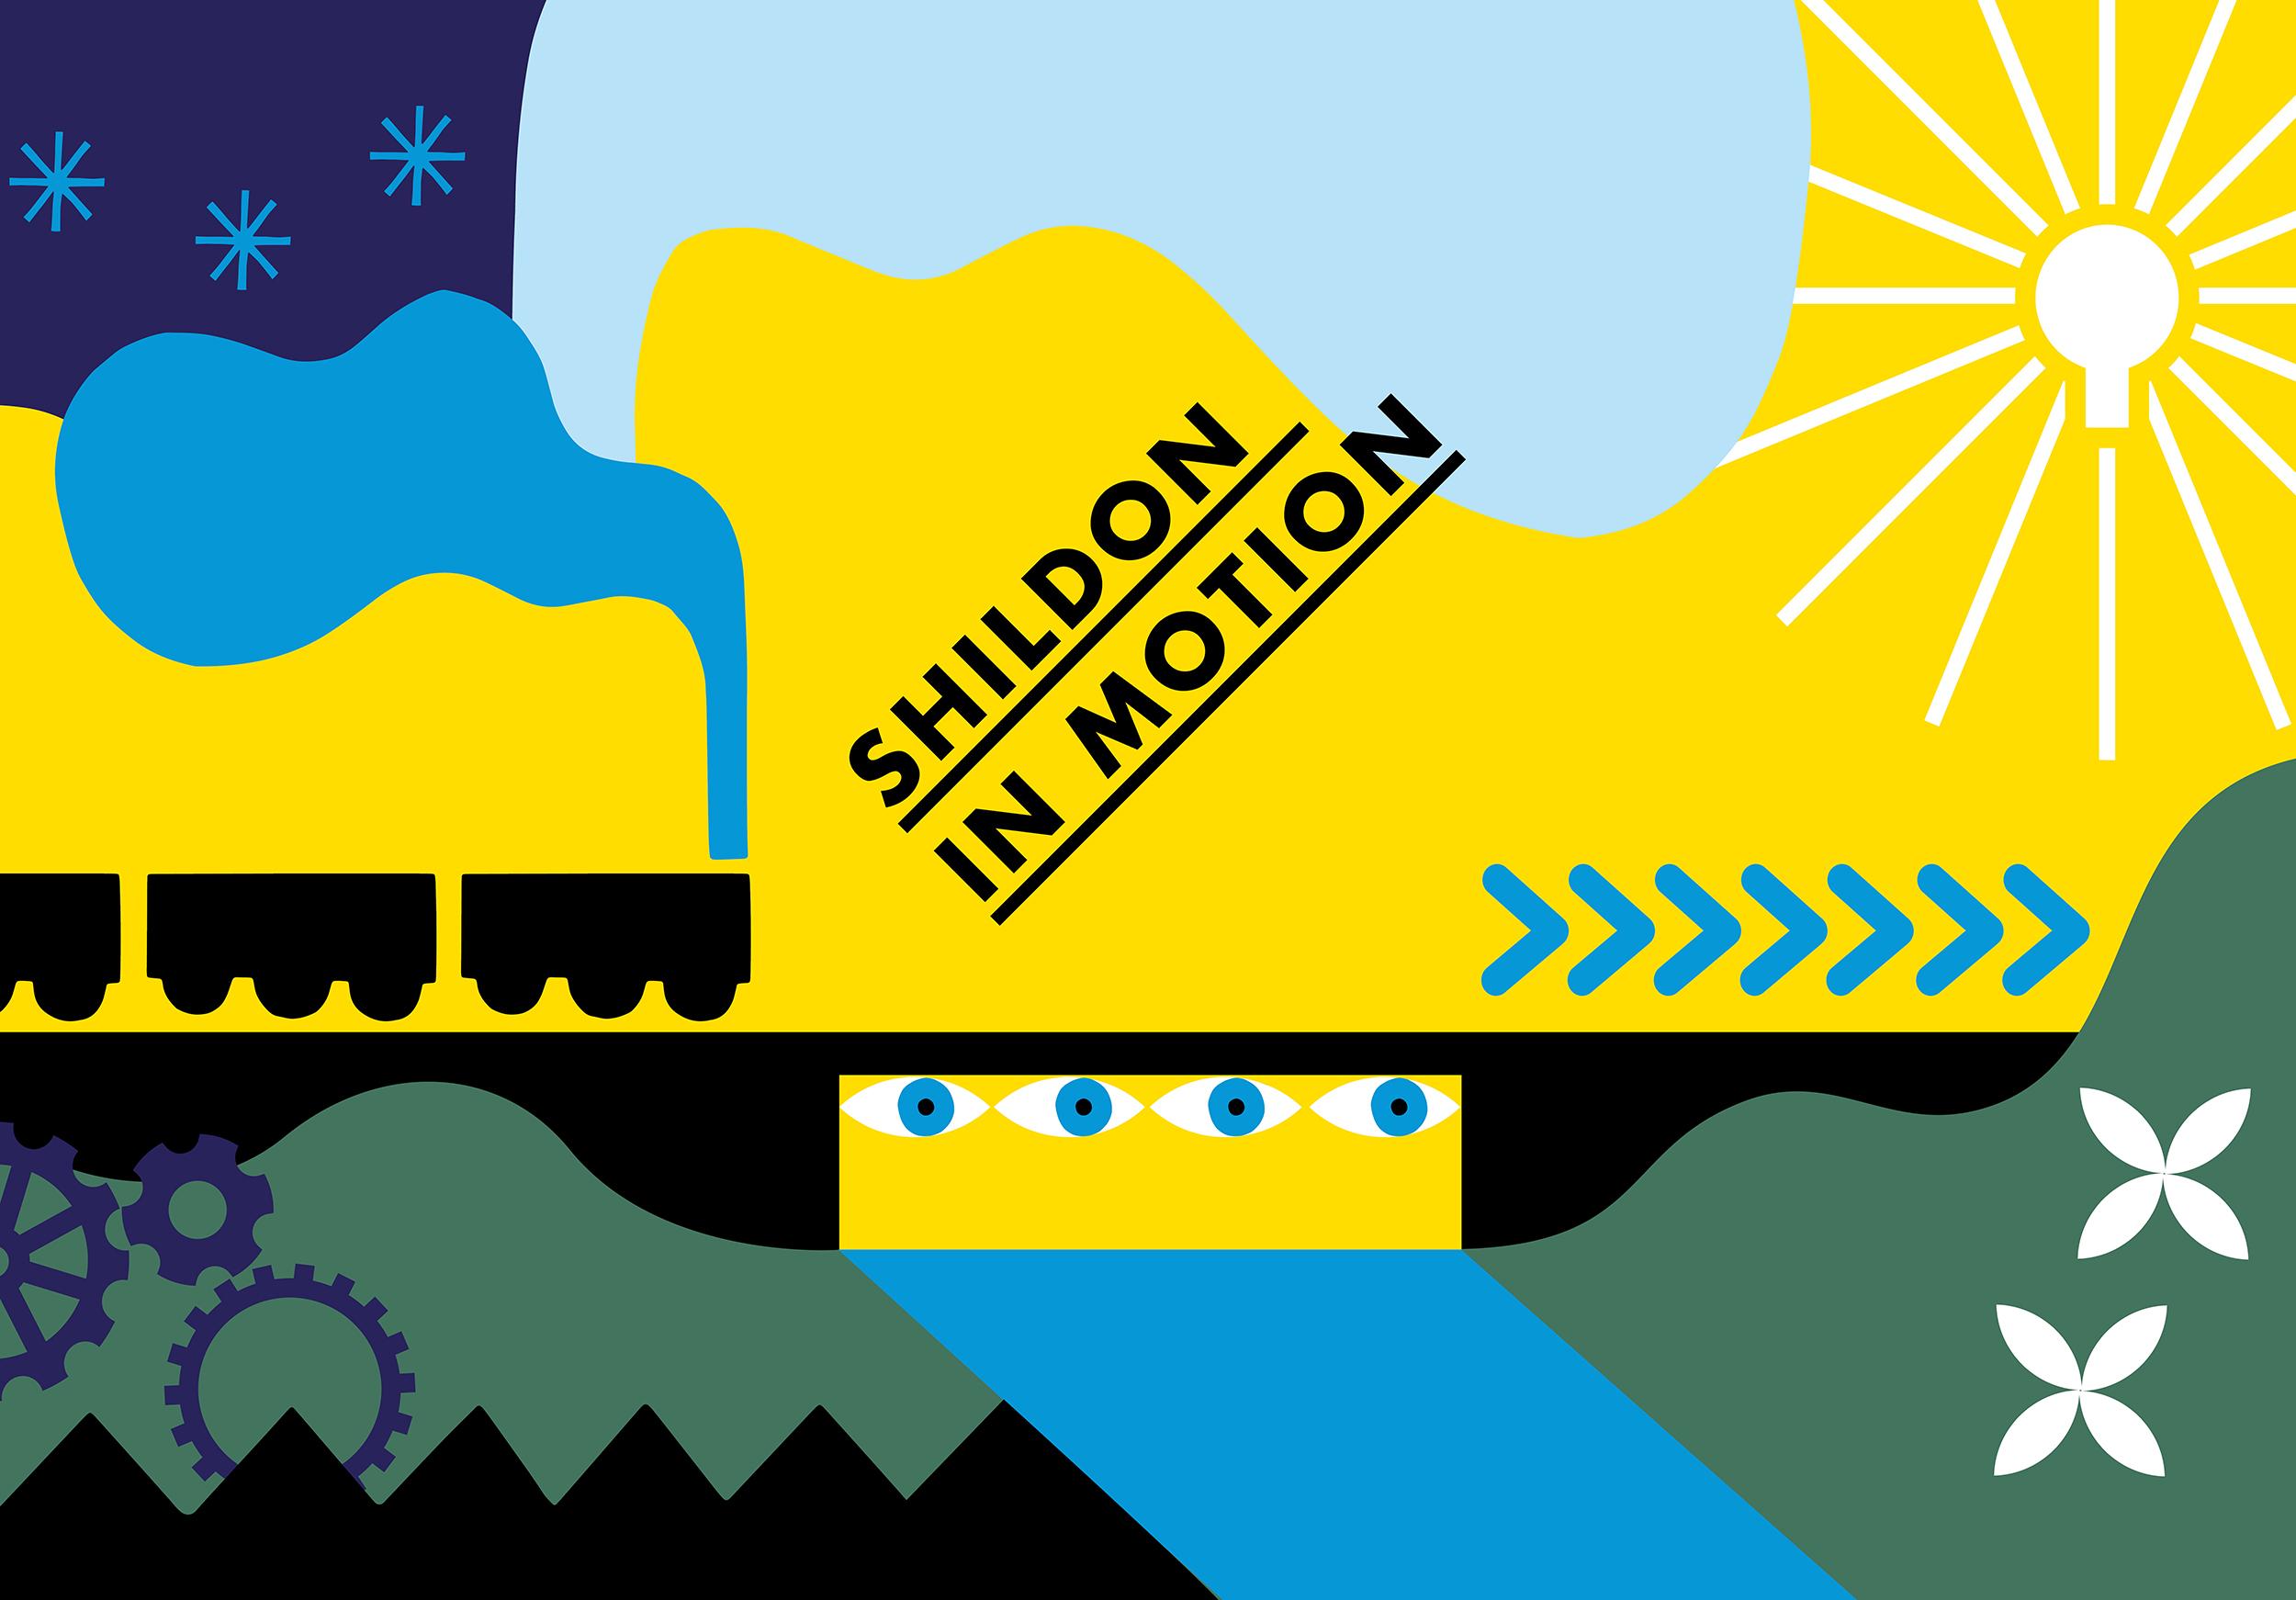 Shildon in Motion